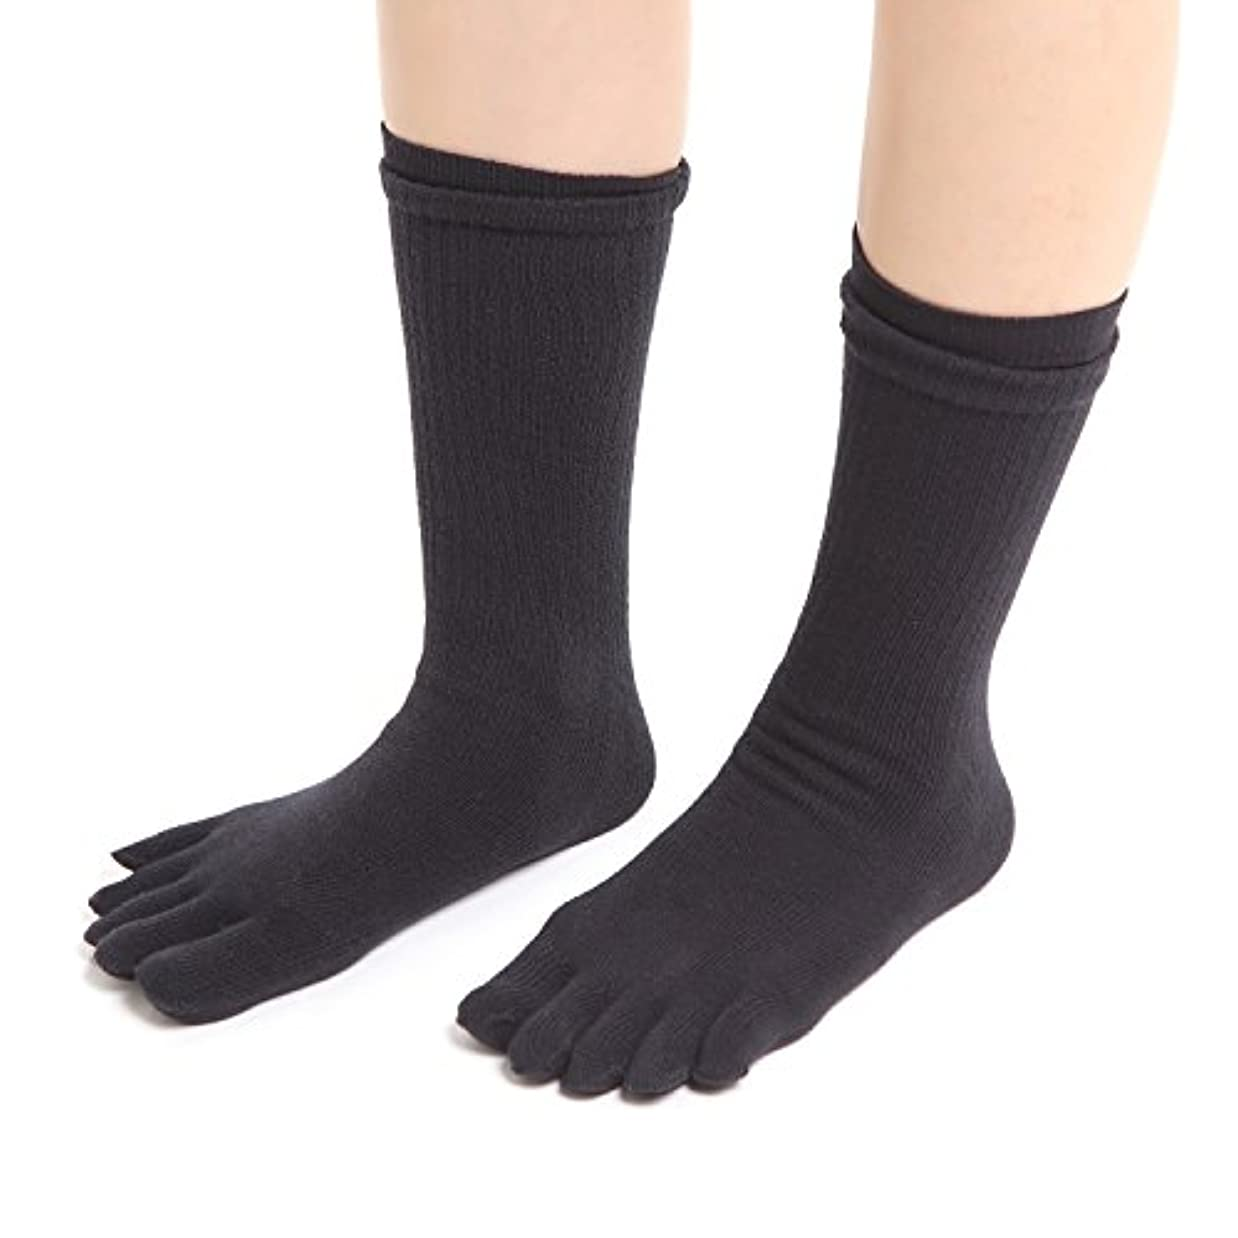 引用工業化するロンドンNANA 初心者向け冷えとり靴下 内シルク外コットンソックス 2足セット 5本指ソックス フリーサイズ シルク (黒)